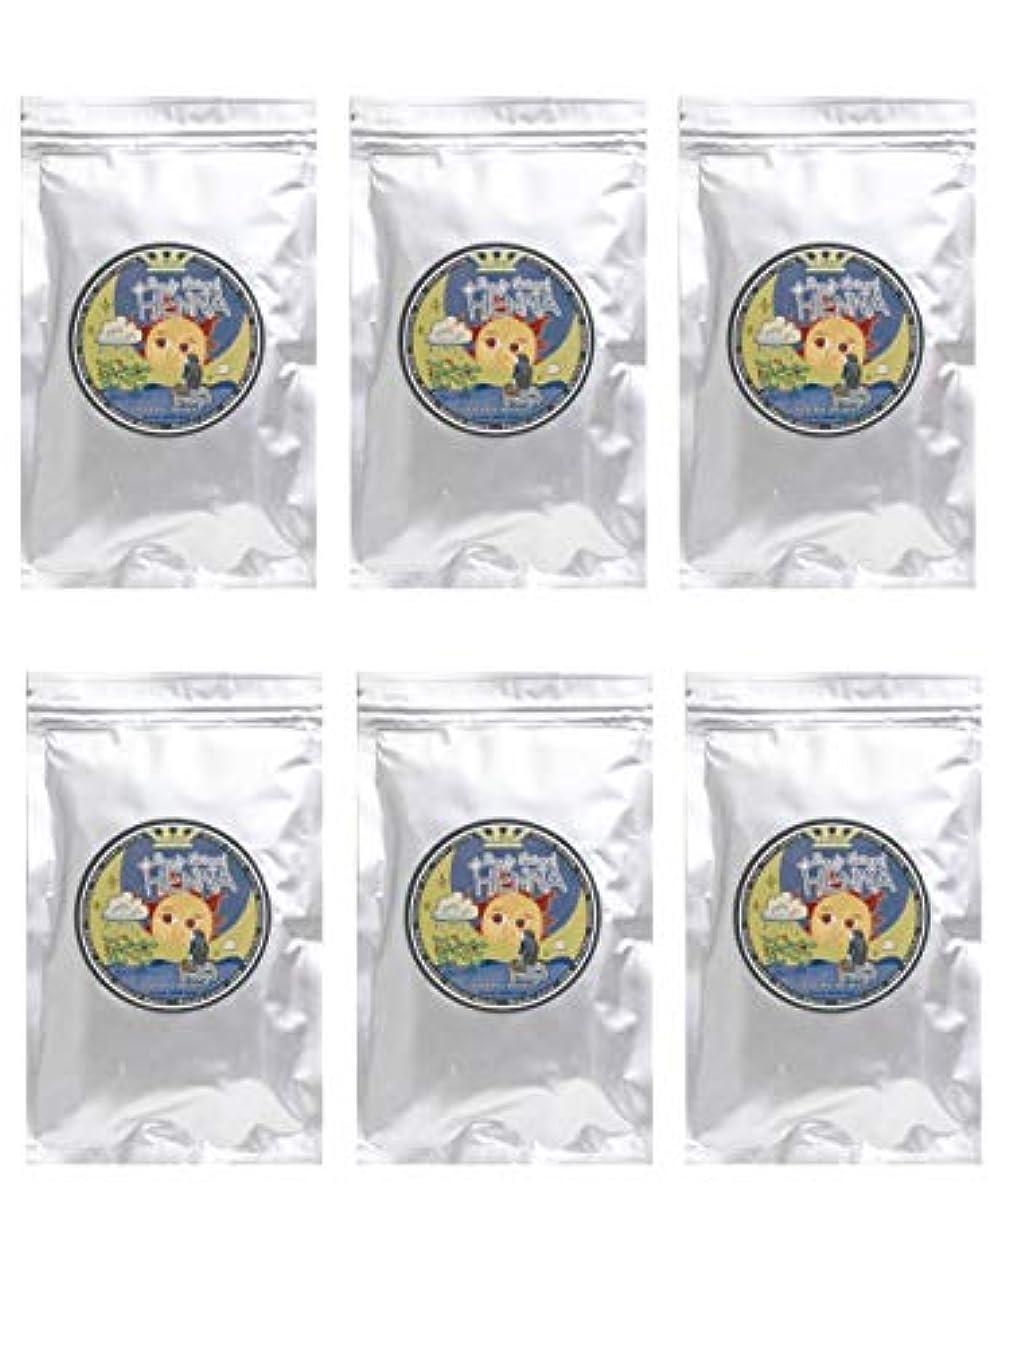 プレミアムカビスキャンダラスラムーンヘナ 100g×6袋セット (ナチュラルブラウン)【6袋】)